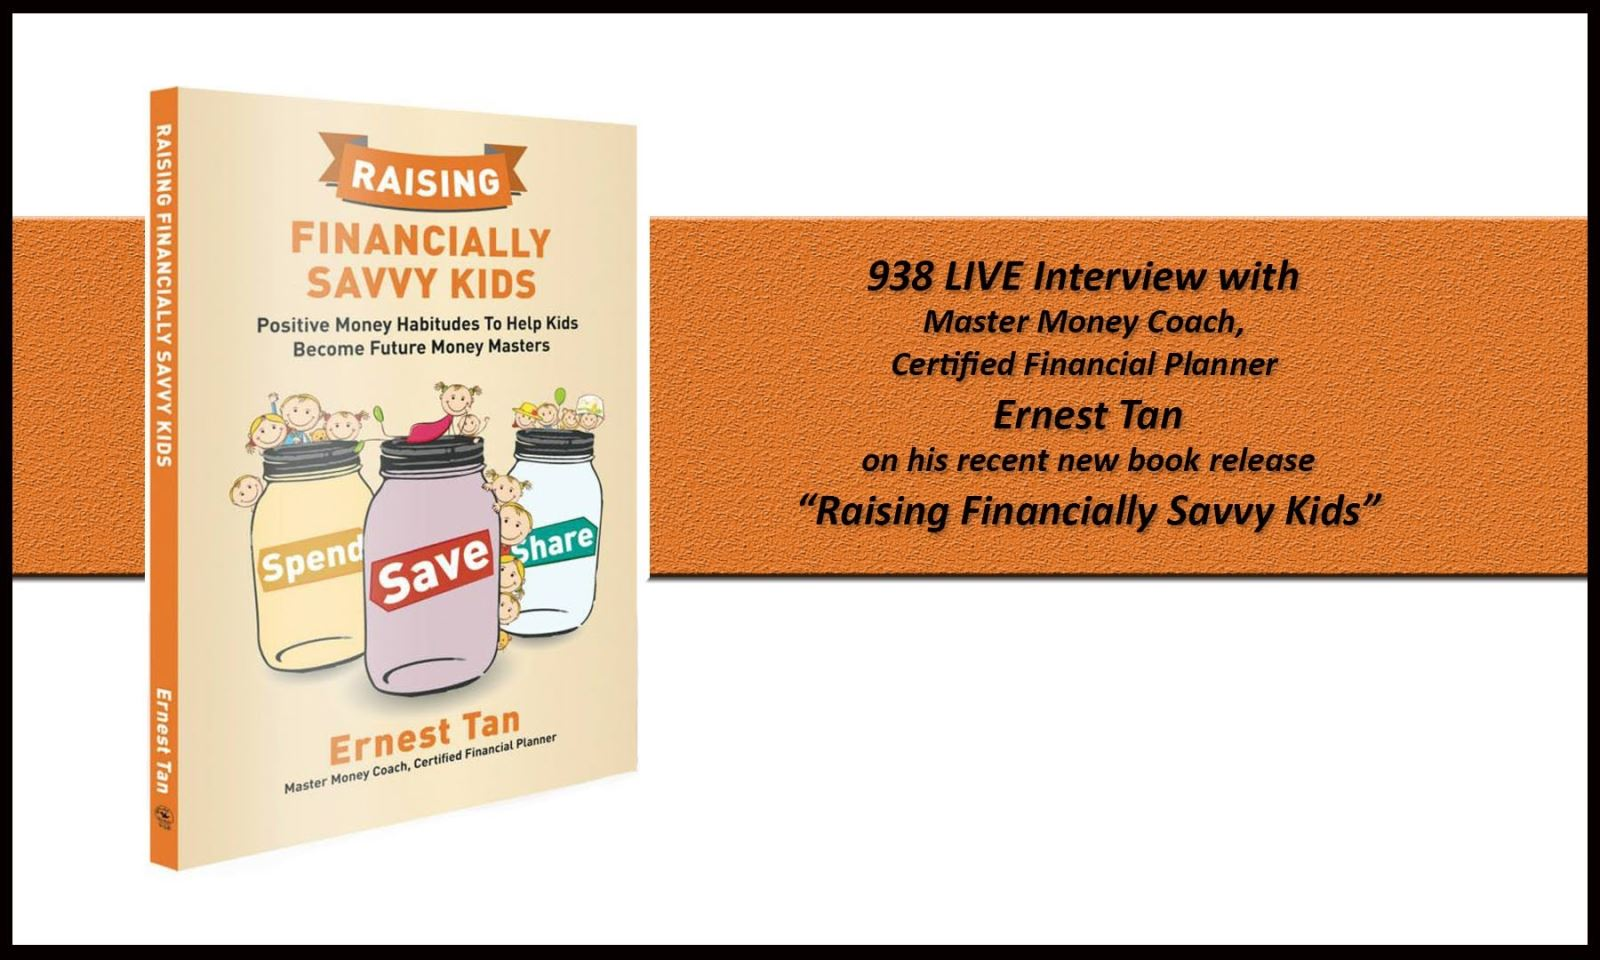 Sách tiếng Anh dạy bé cách sử dụng tiền